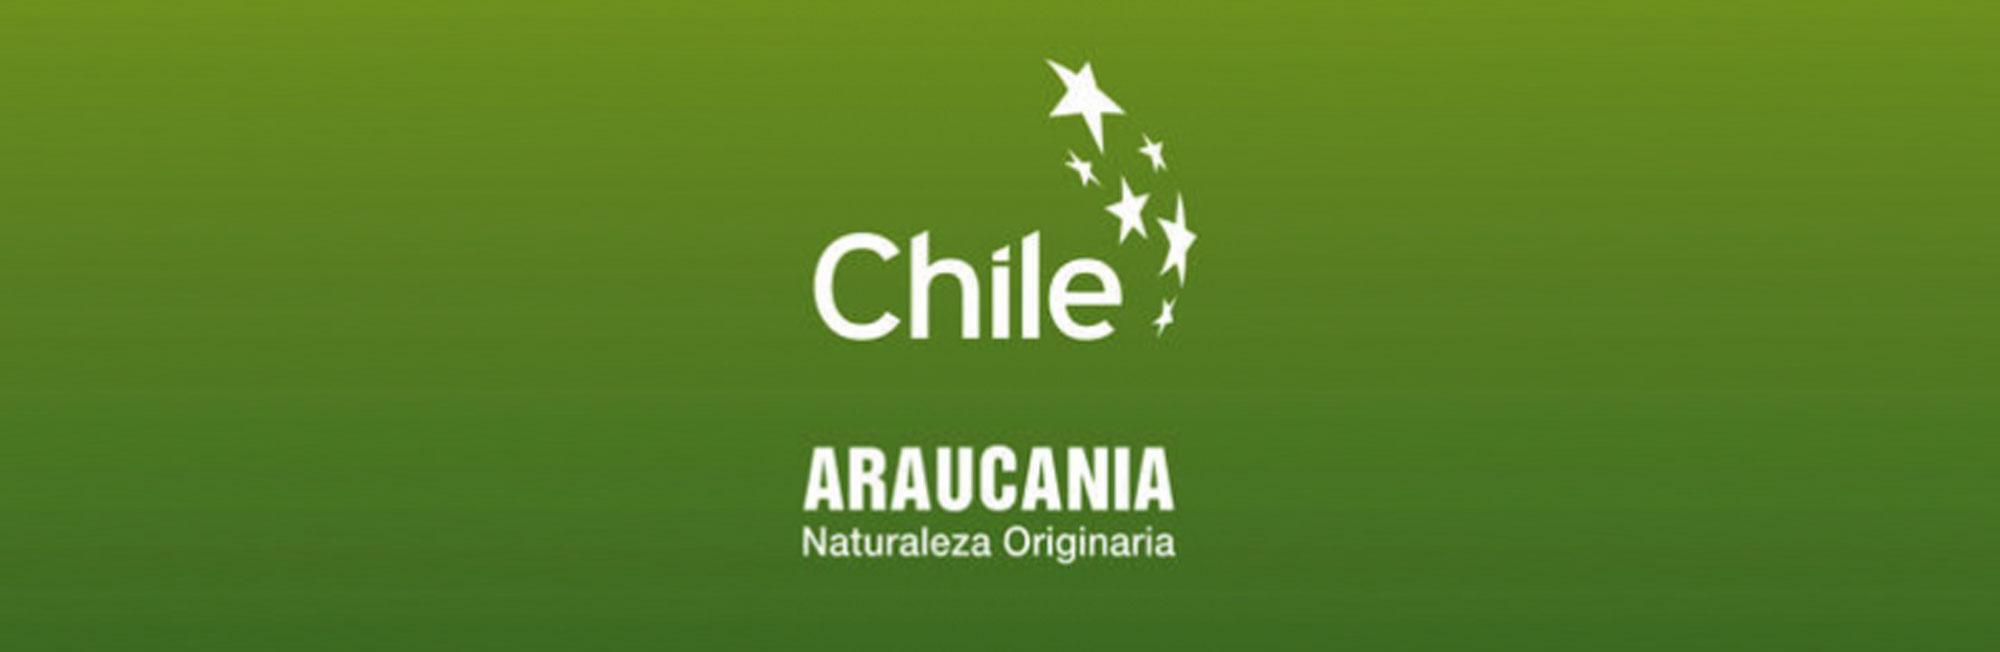 auracania